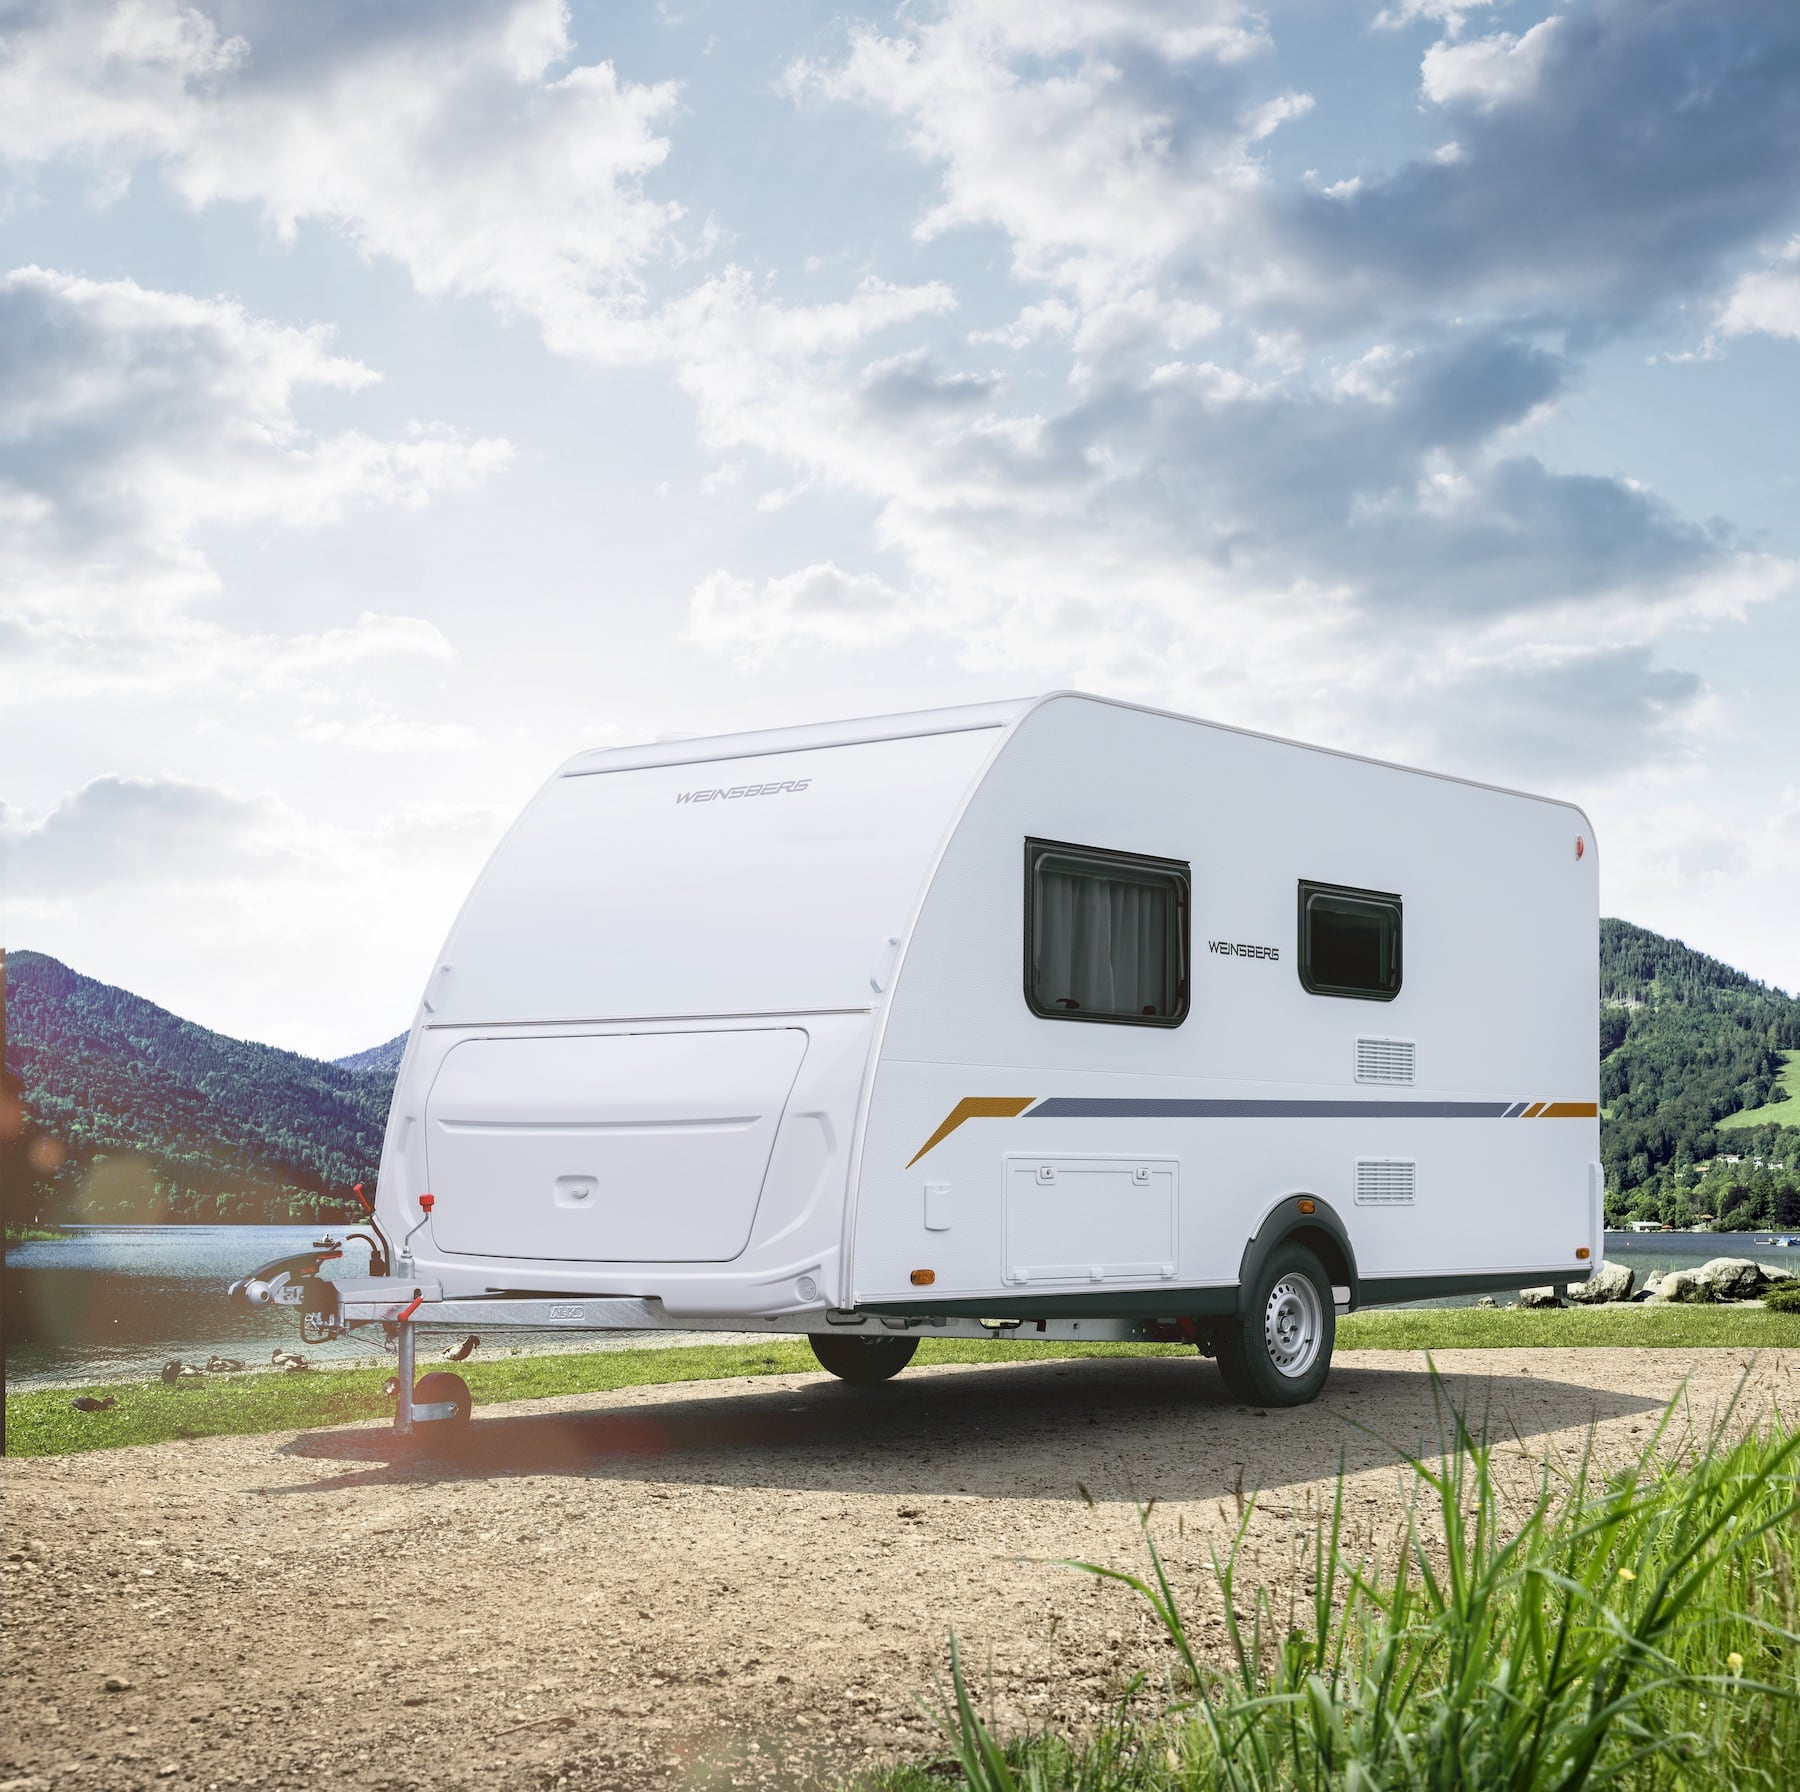 Ein neuer Wohnwagen - Weinsberg CaraCITO ohne Gas